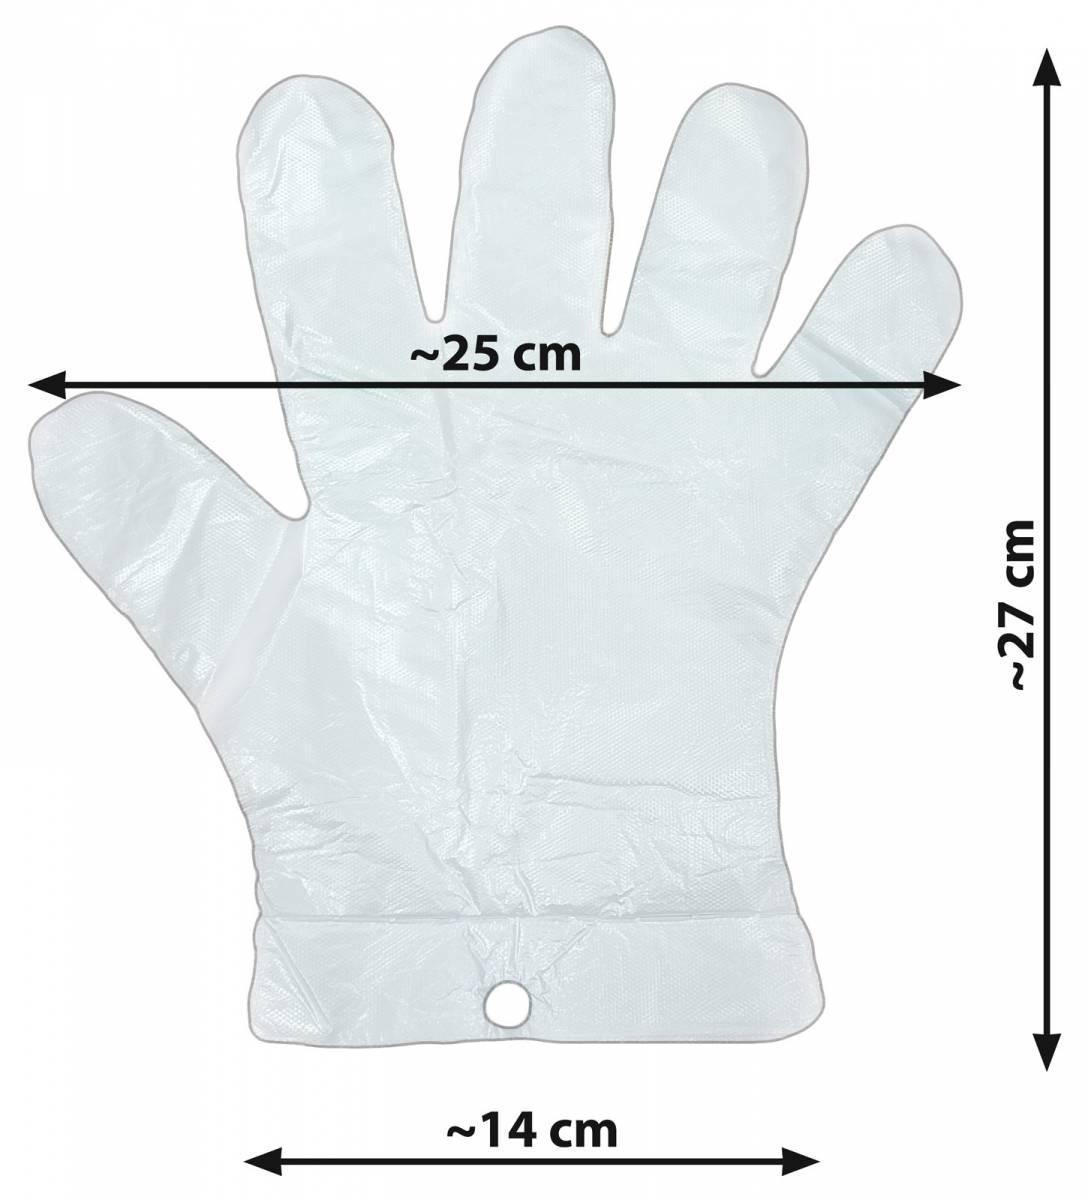 10000 szt. zrywki - foliowe rękawiczki jednorazowe zrywane HDPE